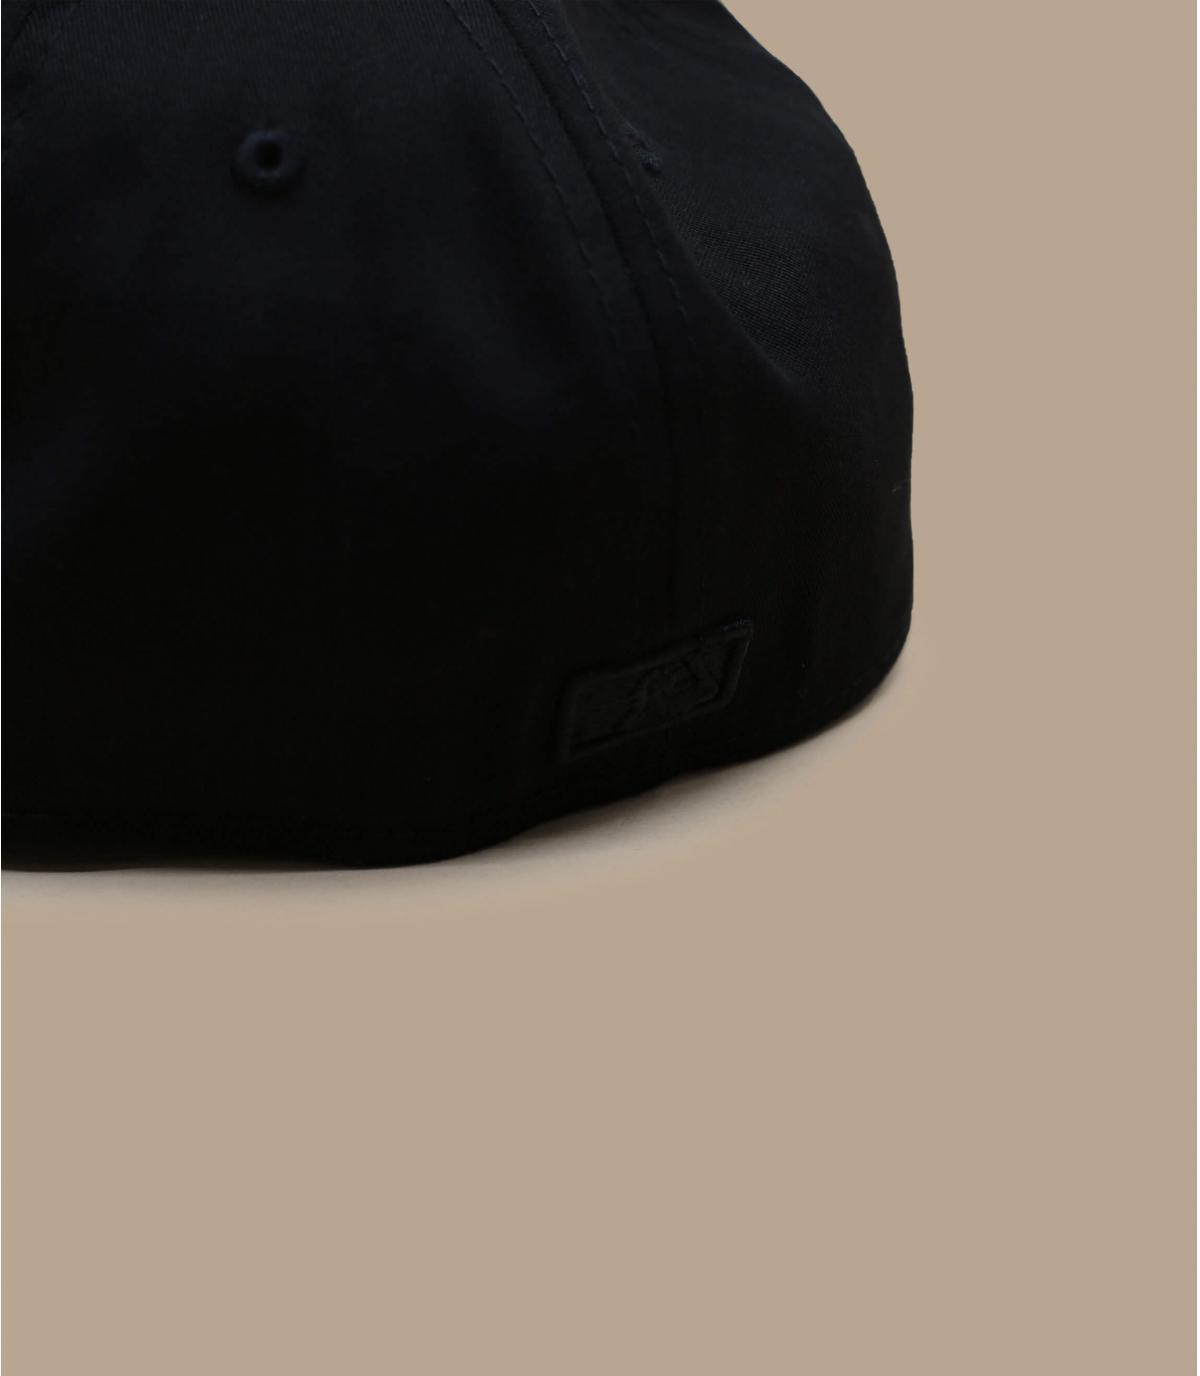 Détails Casquette League Ess NY 3930 black - image 4